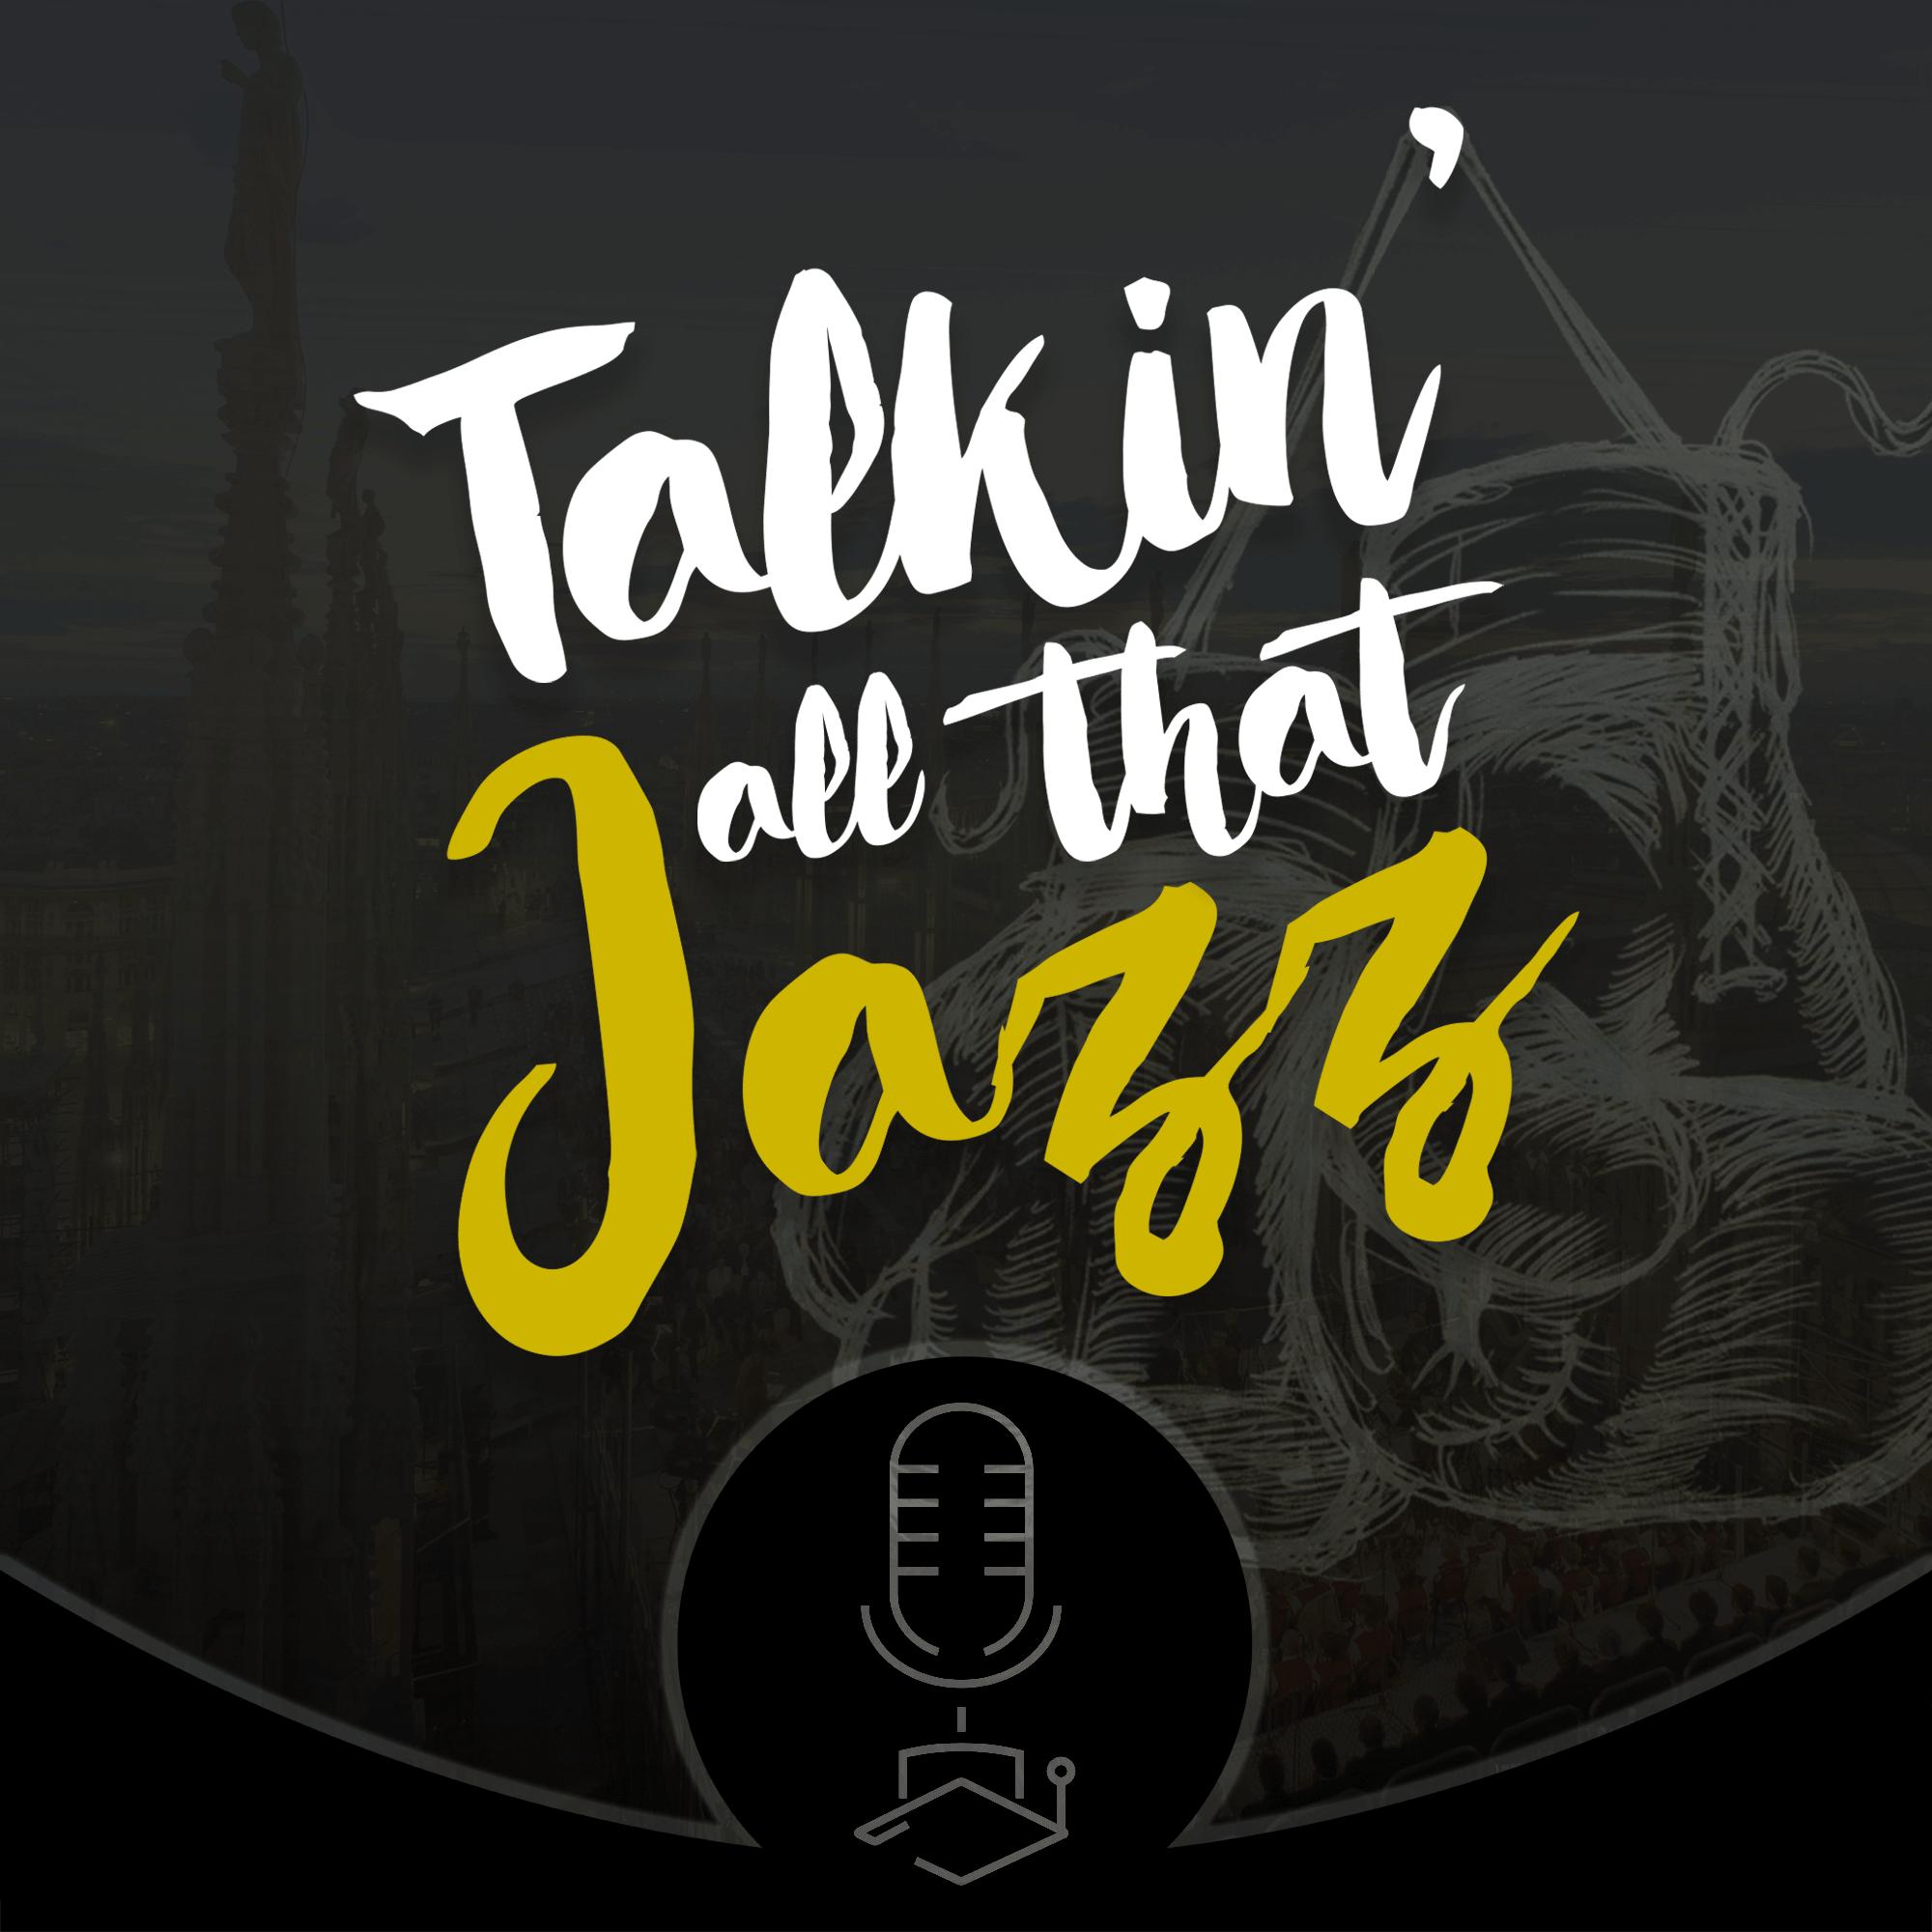 Talkin All That Jazz